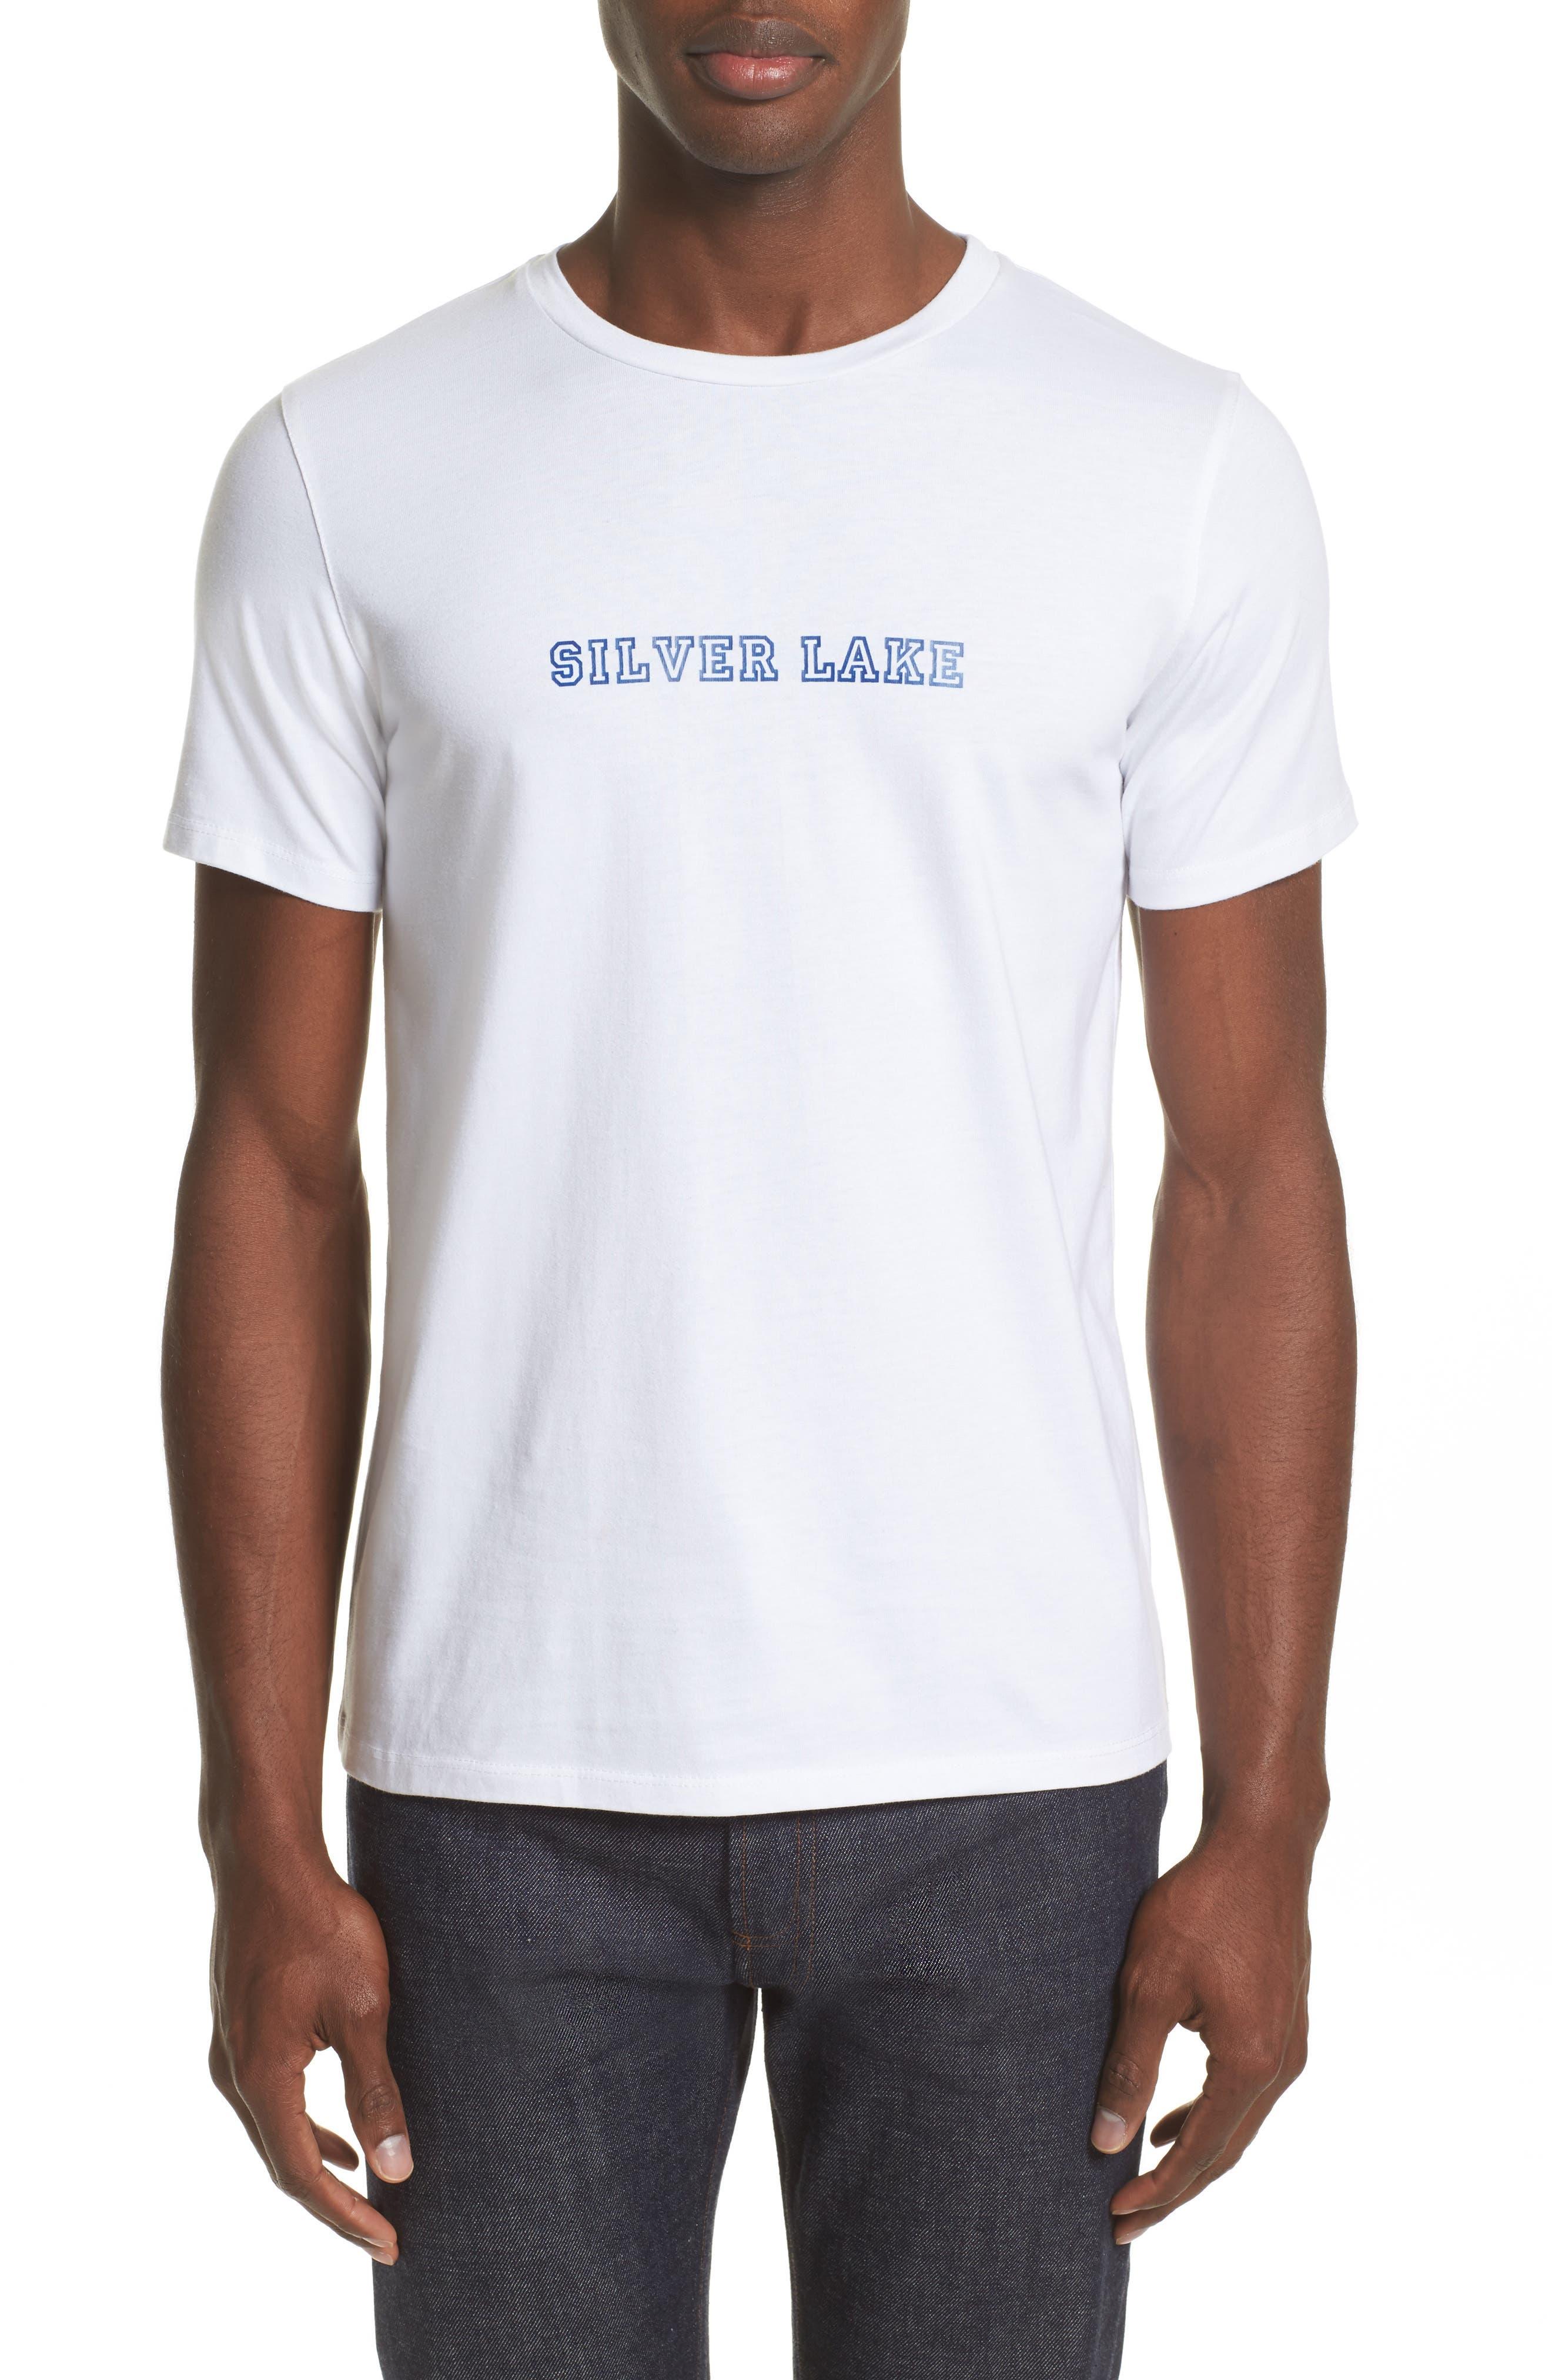 Main Image - A.P.C. Silver Lake T-Shirt